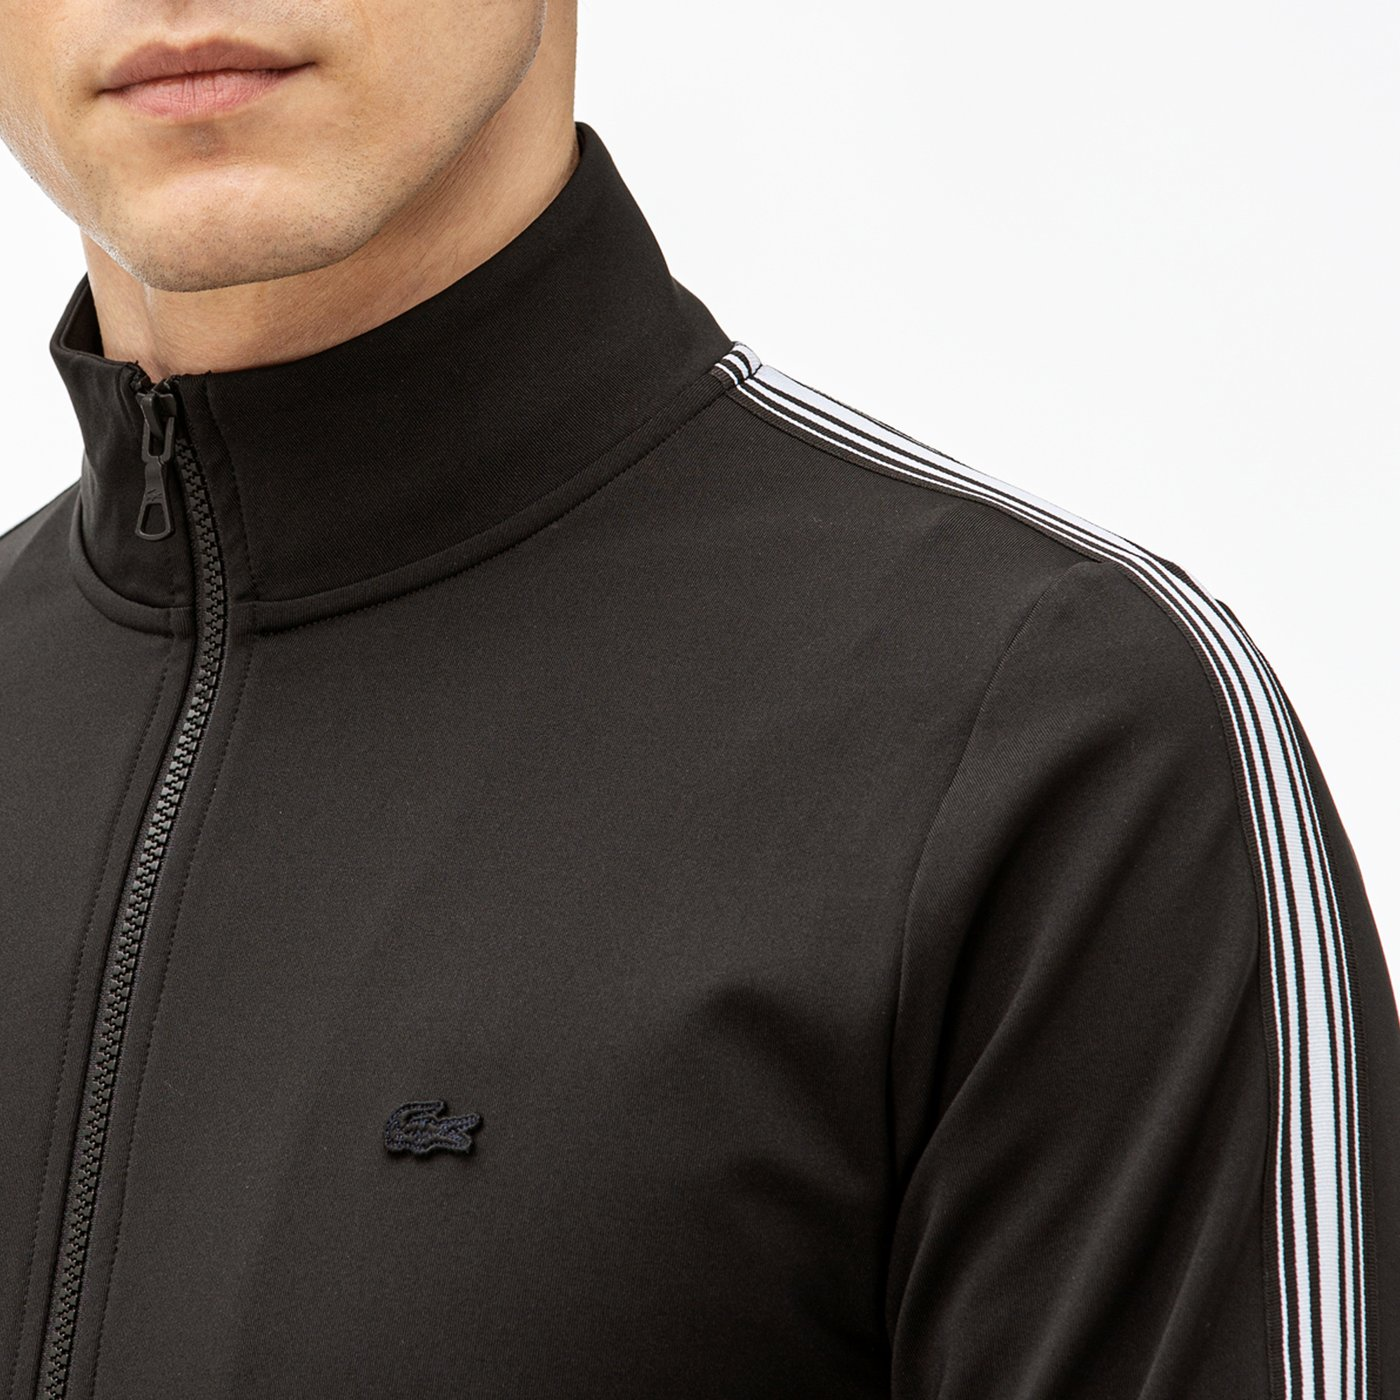 Lacoste Erkek Blok Desenli Siyah Fermuarlı Sweatshirt